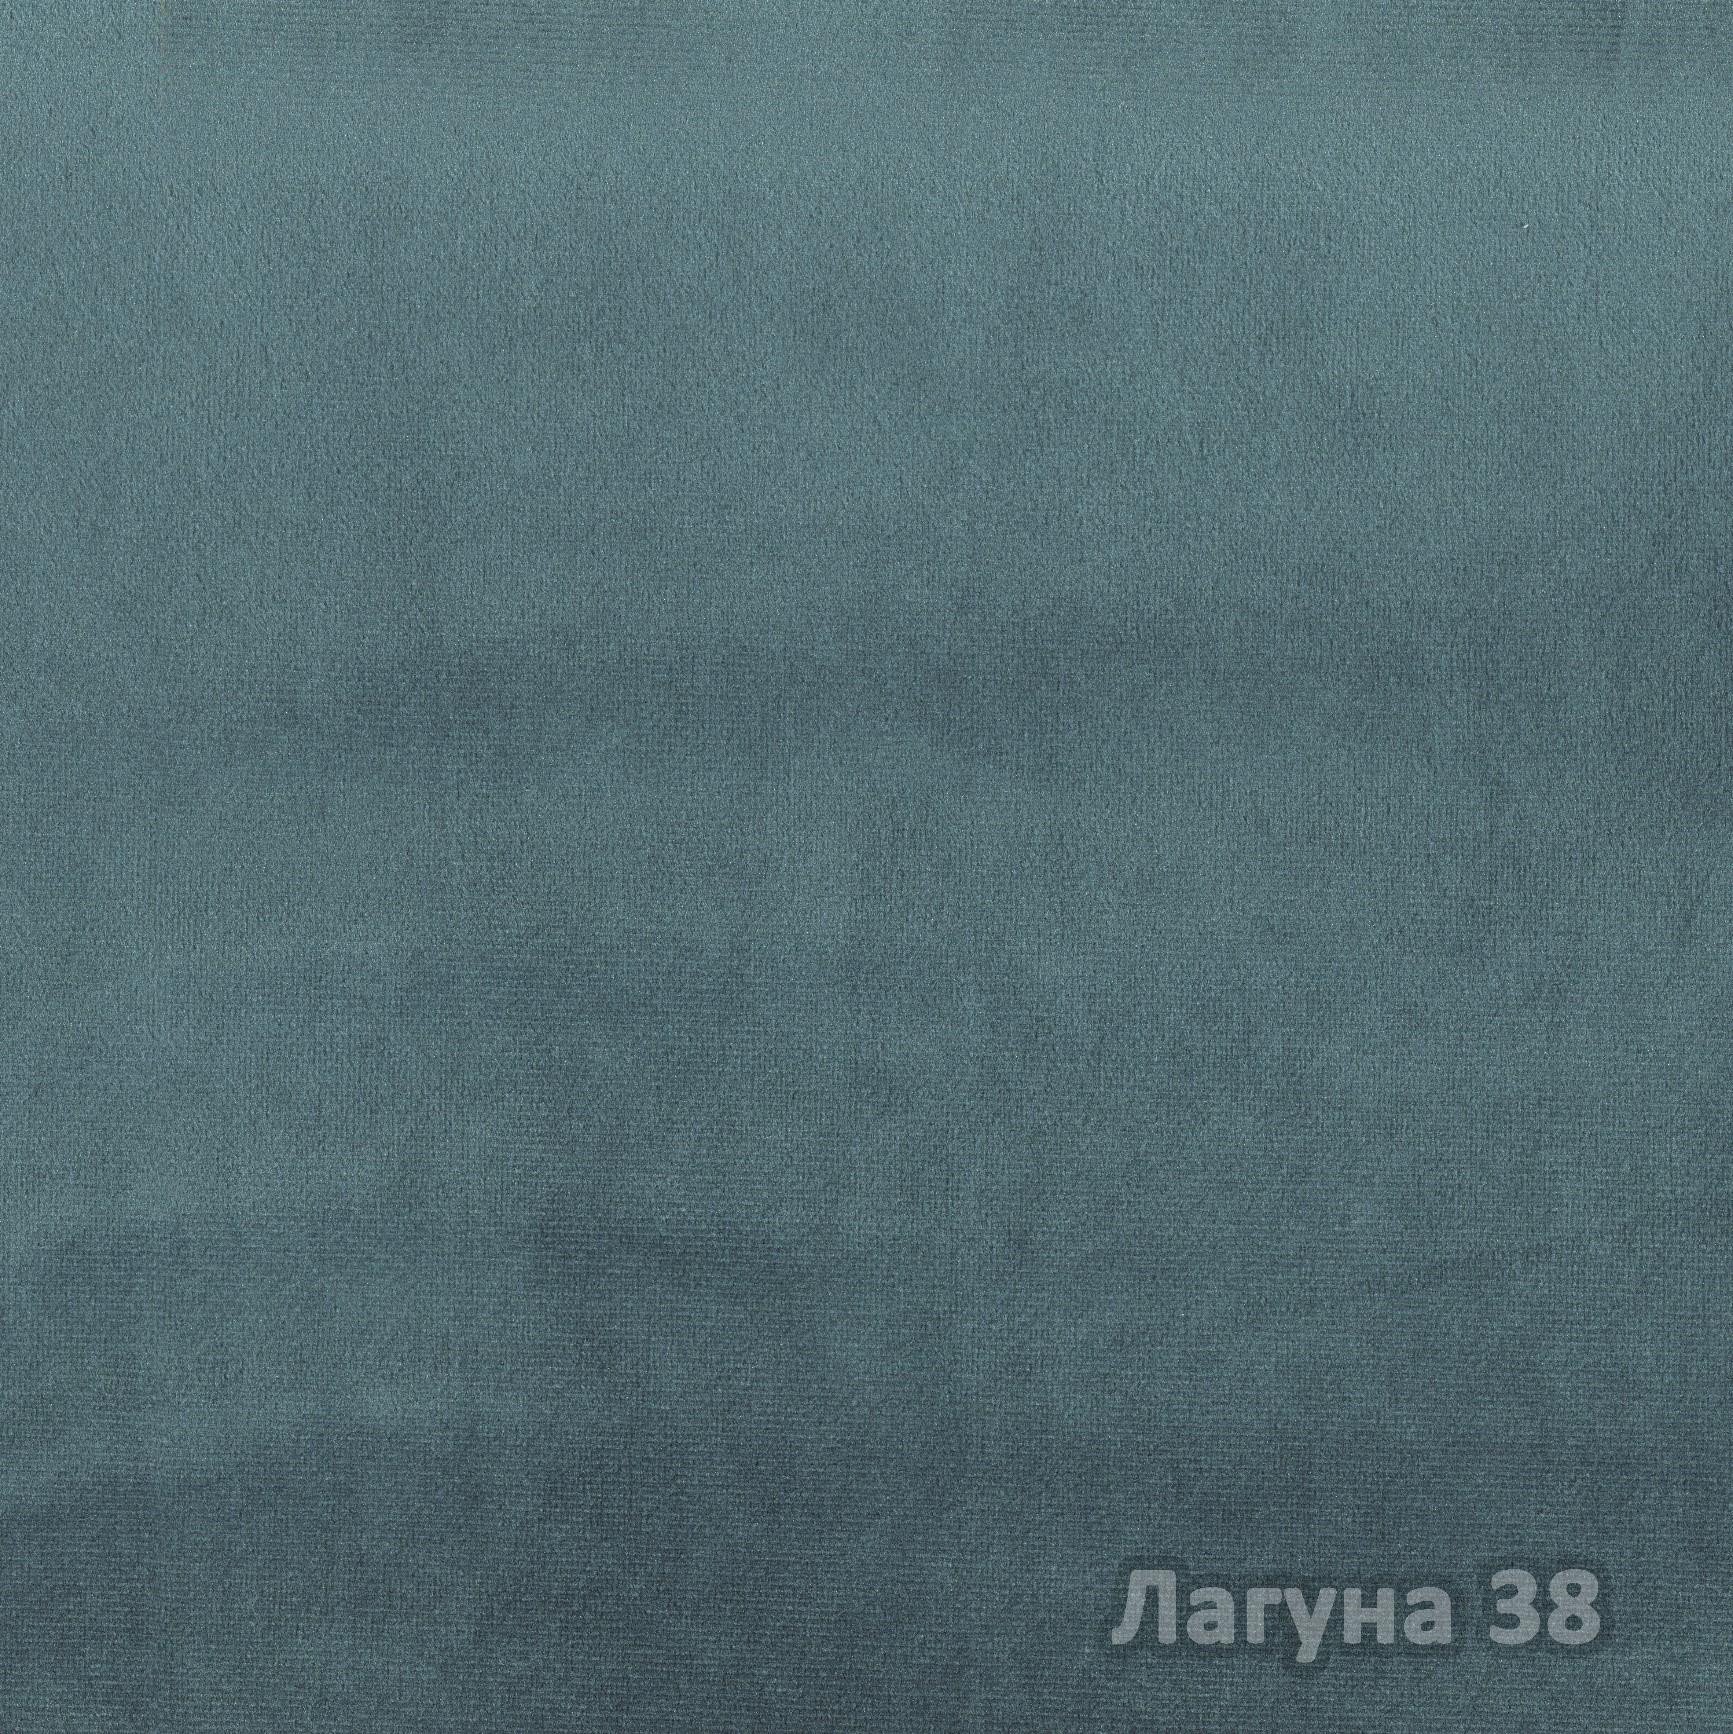 Коллекция ткани Лагуна 38,  купить ткань Велюр для мебели Украина